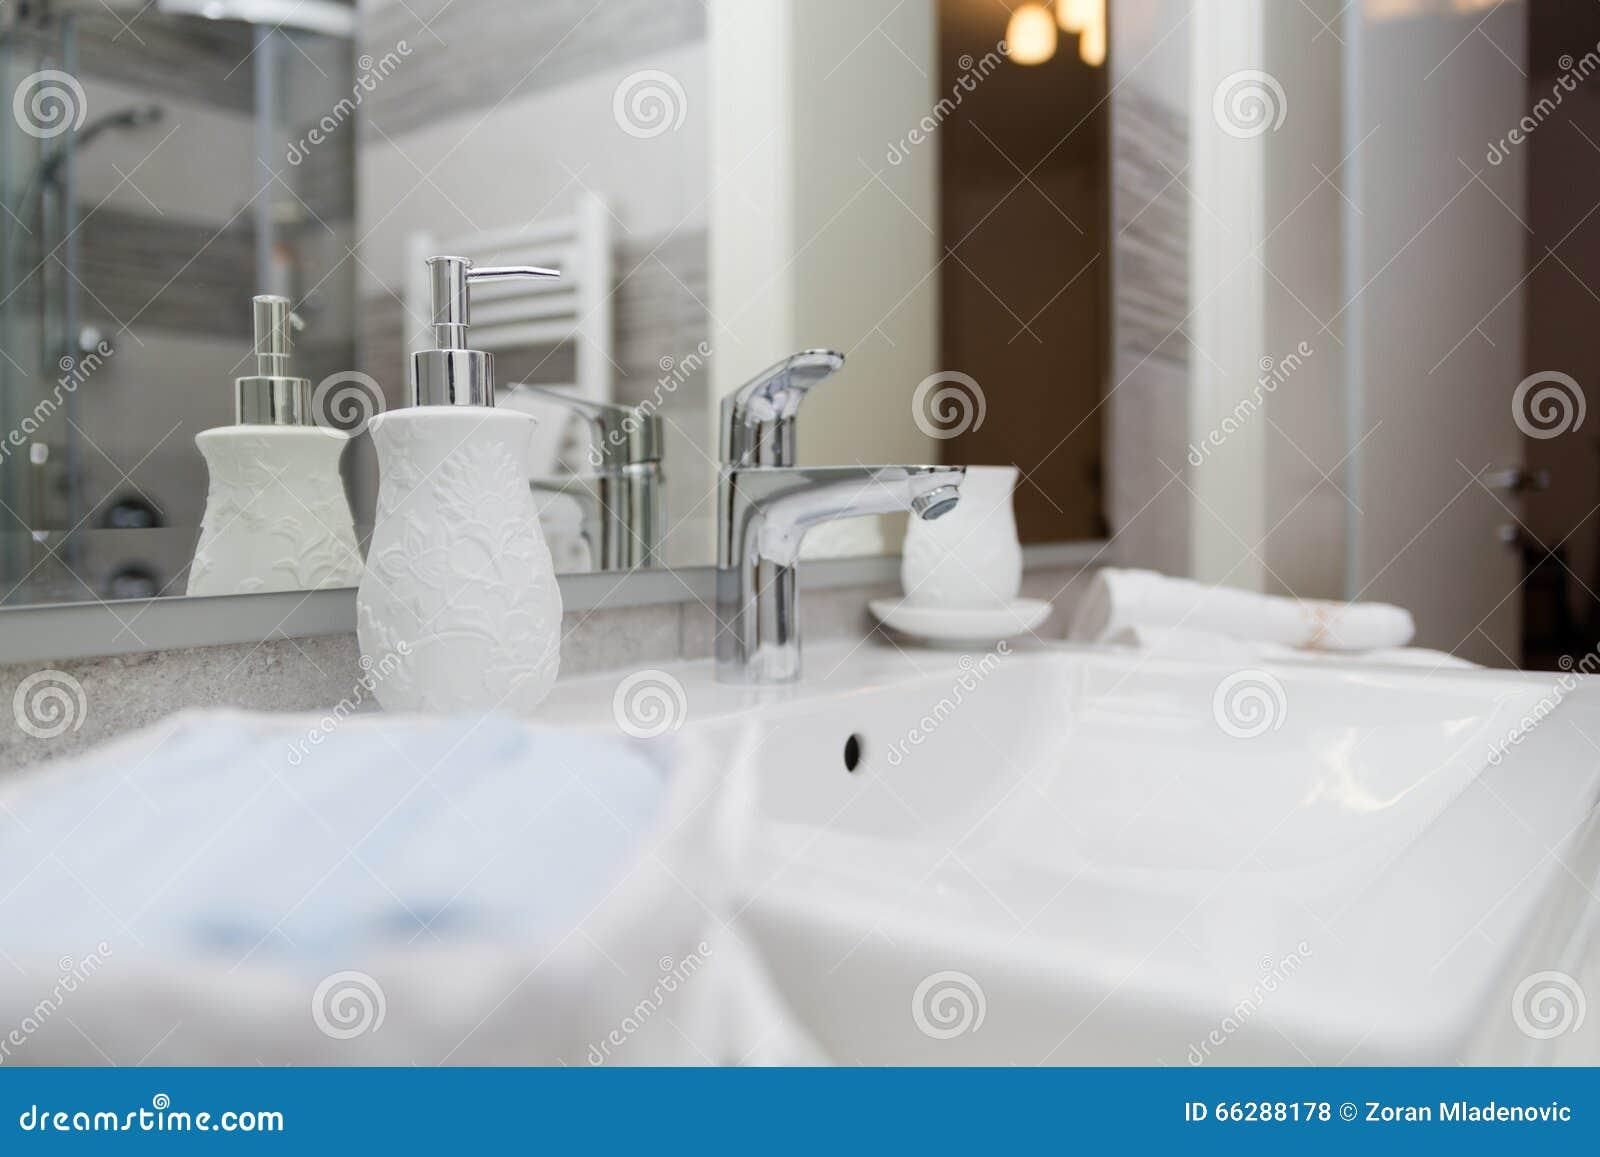 Lavandino rubinetto asciugamani ed insieme del bagno des interno